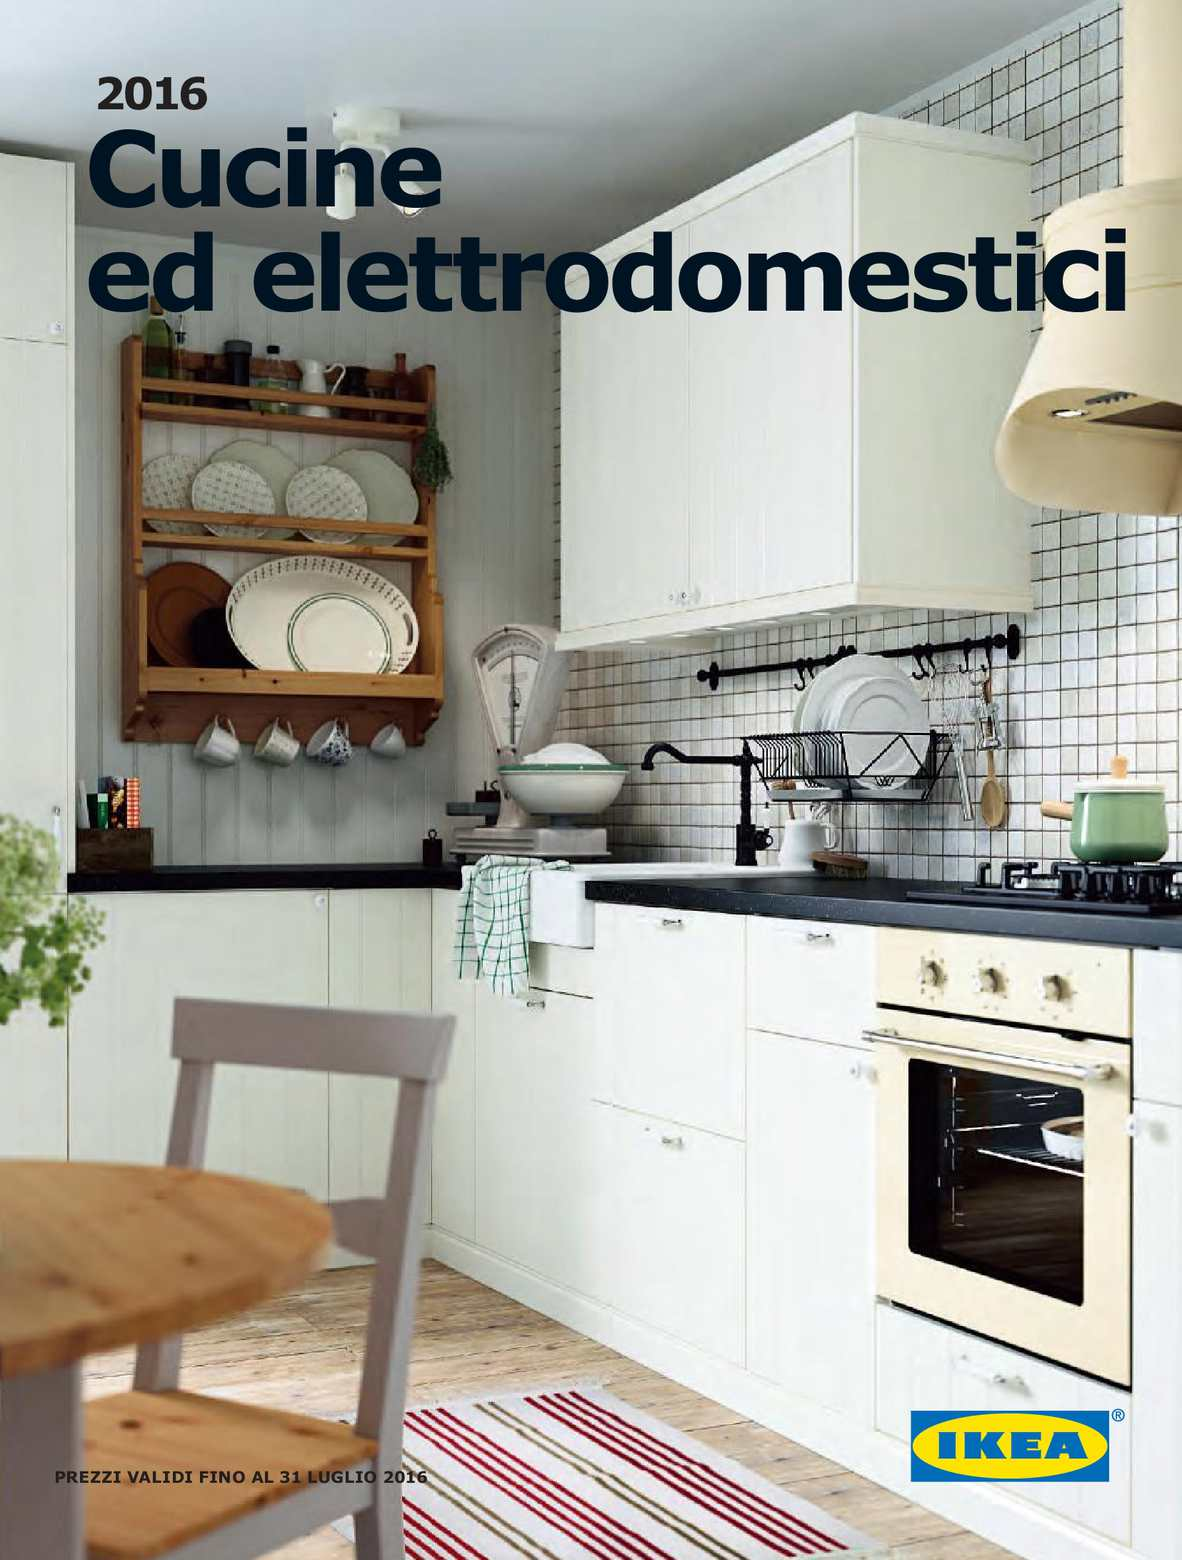 Binario Pensili Cucina Ikea calaméo - catalogo ikea cucine ed elettrodomestici fino a